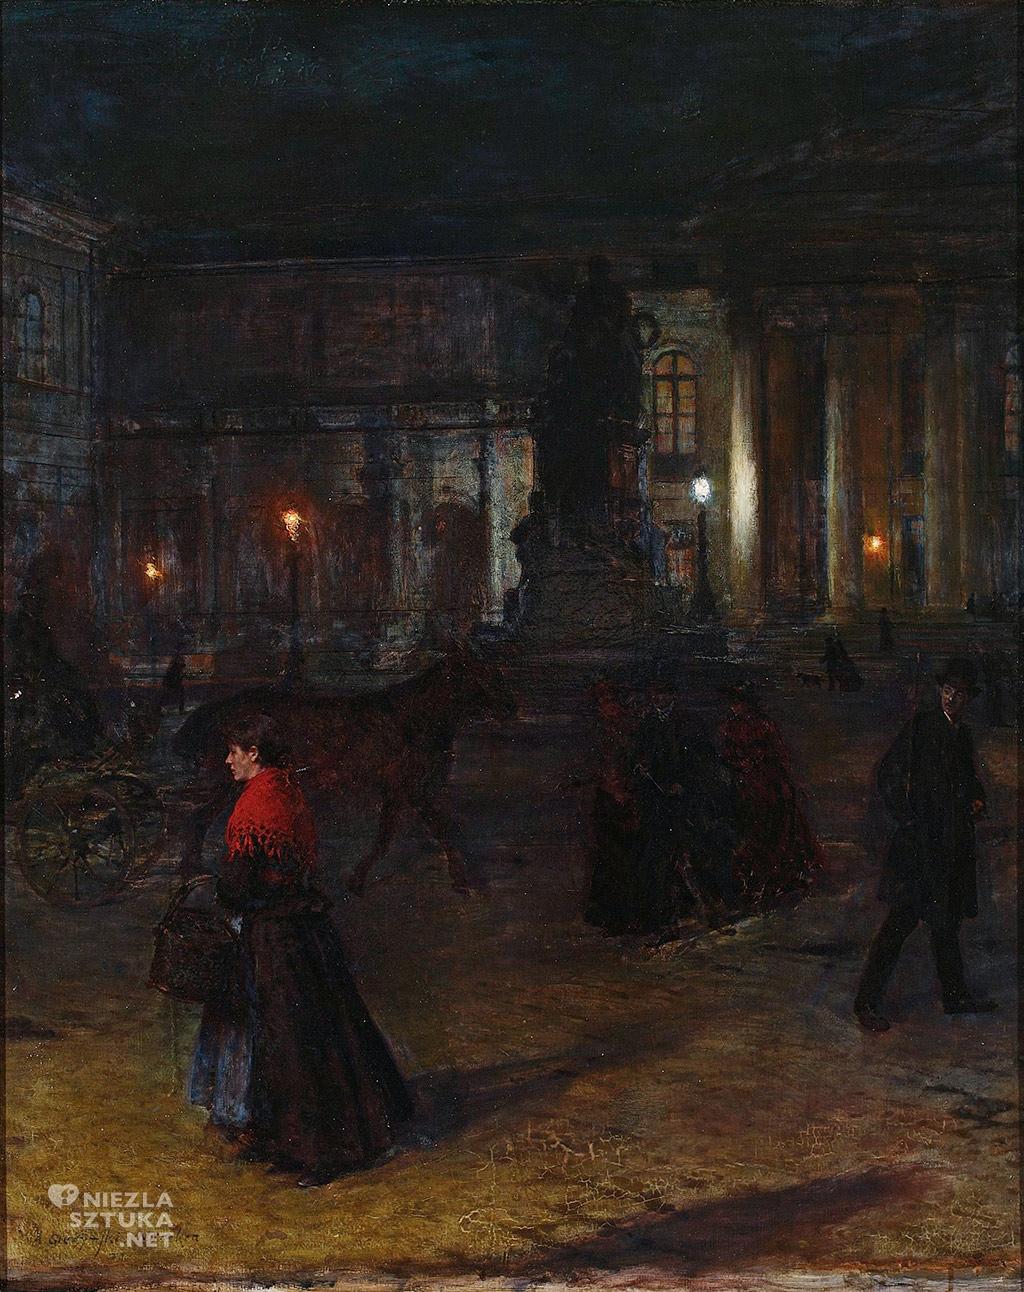 Aleksander Gierymski Plac Maksymiliana Józefa w Monachium w nocy | 1890, Muzeum Narodowe w Warszawie